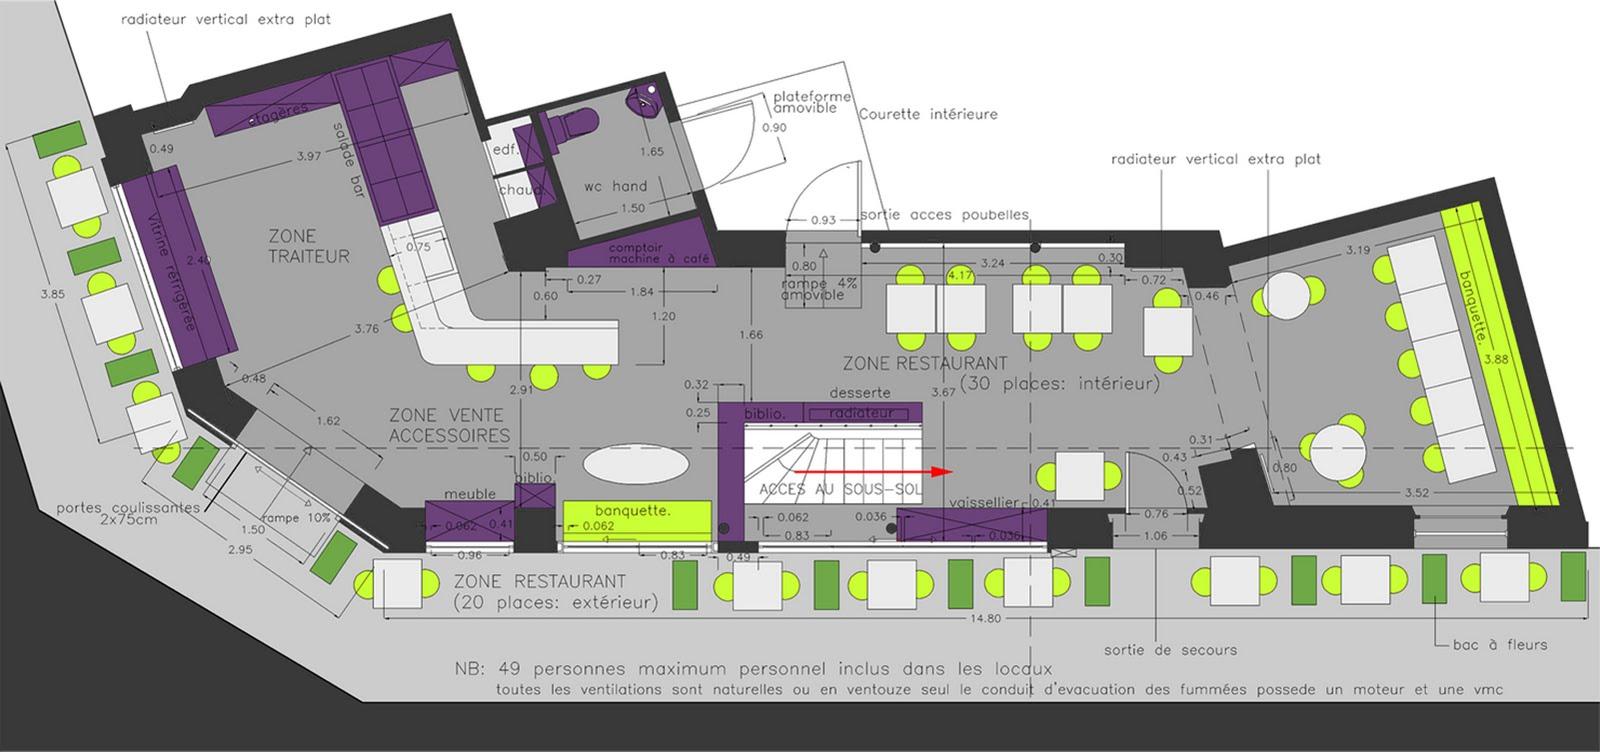 atelier d 39 architecture castellani cr ation d 39 un restaurant vincennes. Black Bedroom Furniture Sets. Home Design Ideas